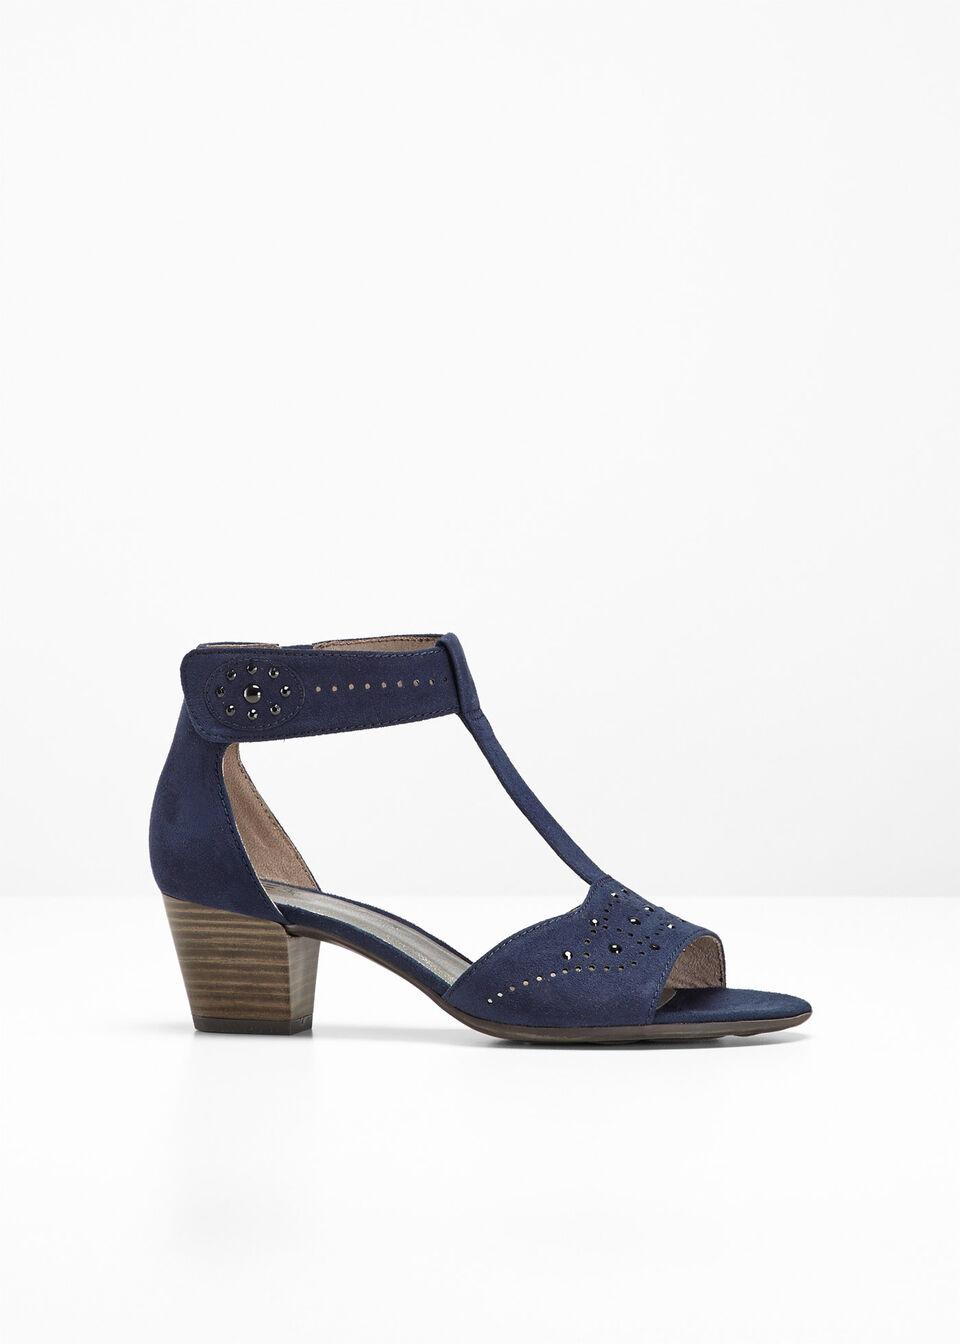 Papucs fekete Nőies és kényelmes papucs • 12499.0 Ft • bonprix